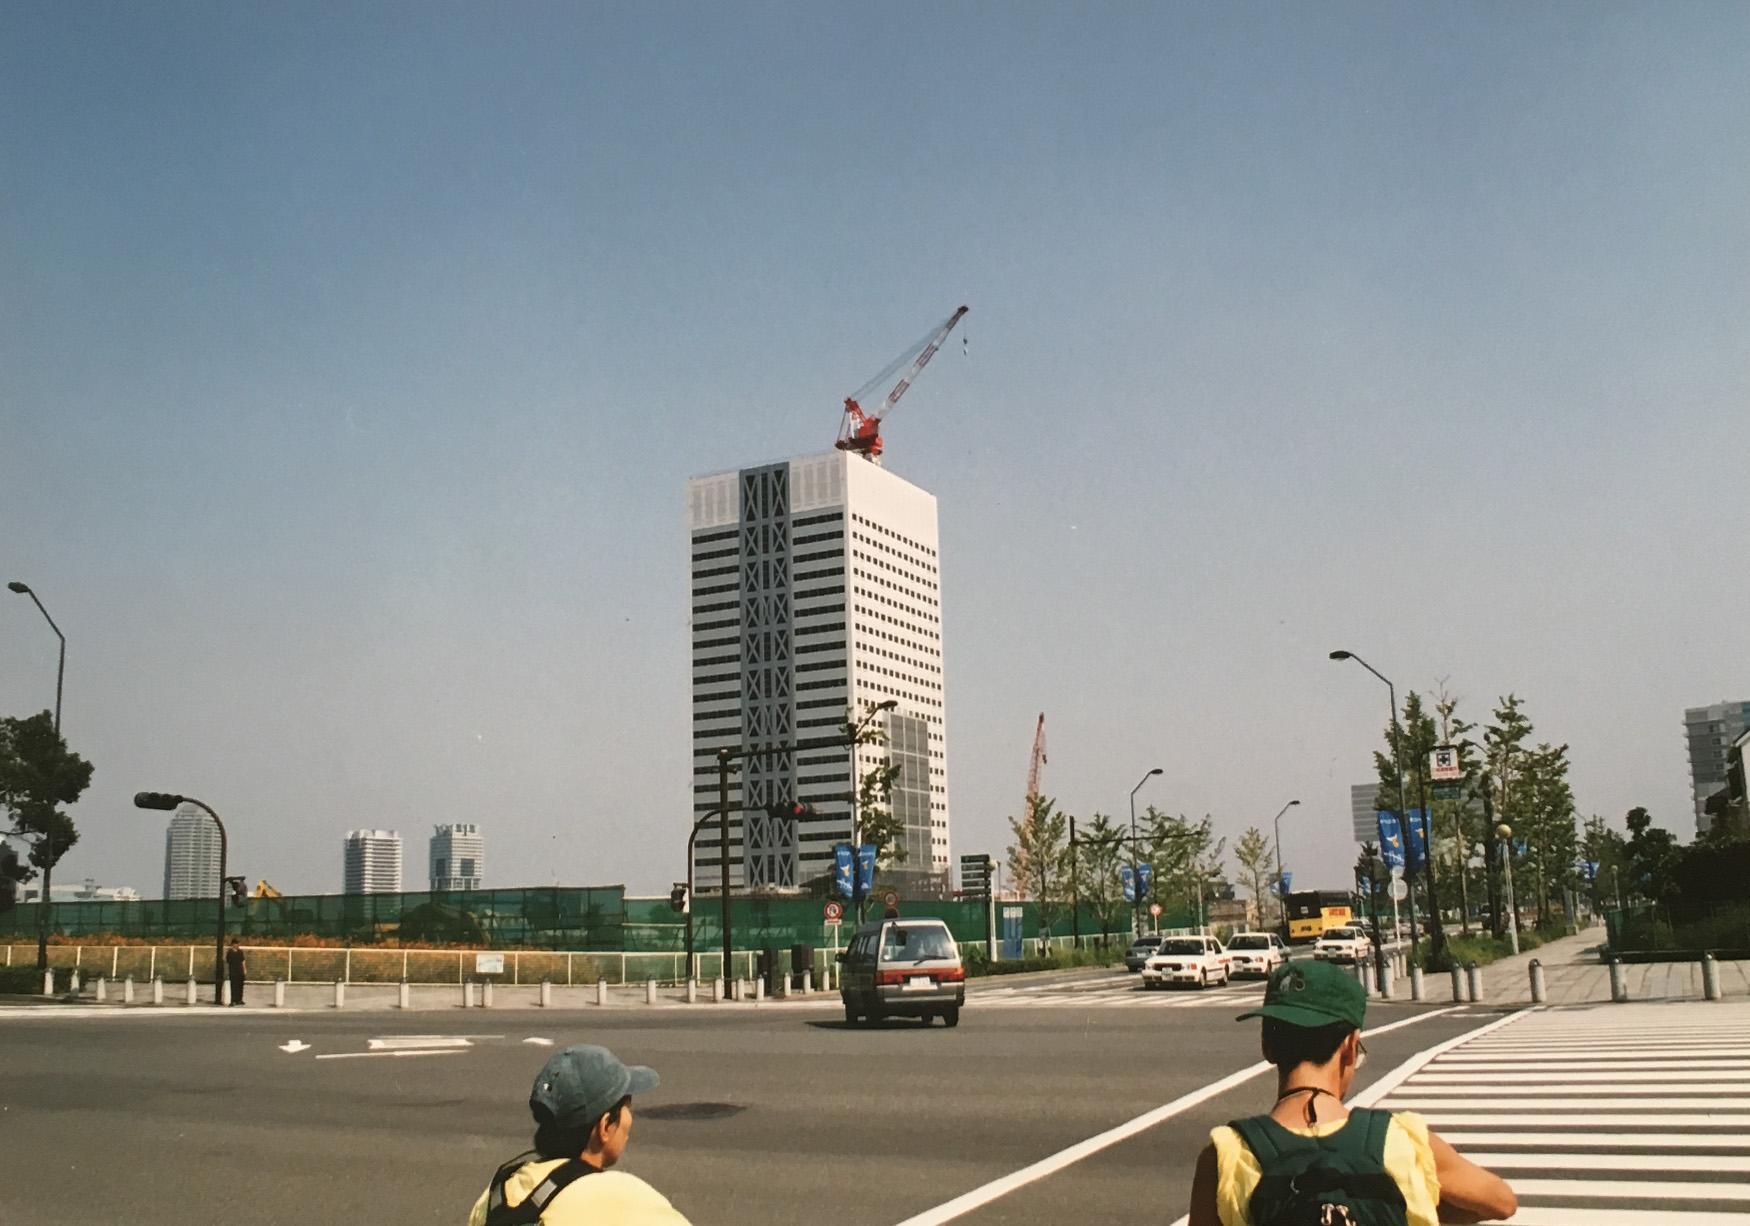 イベント4.16【昭和の住宅de野良IT】データビジュアライズって結局何するの?みなとみらいの古い写真でやってみた